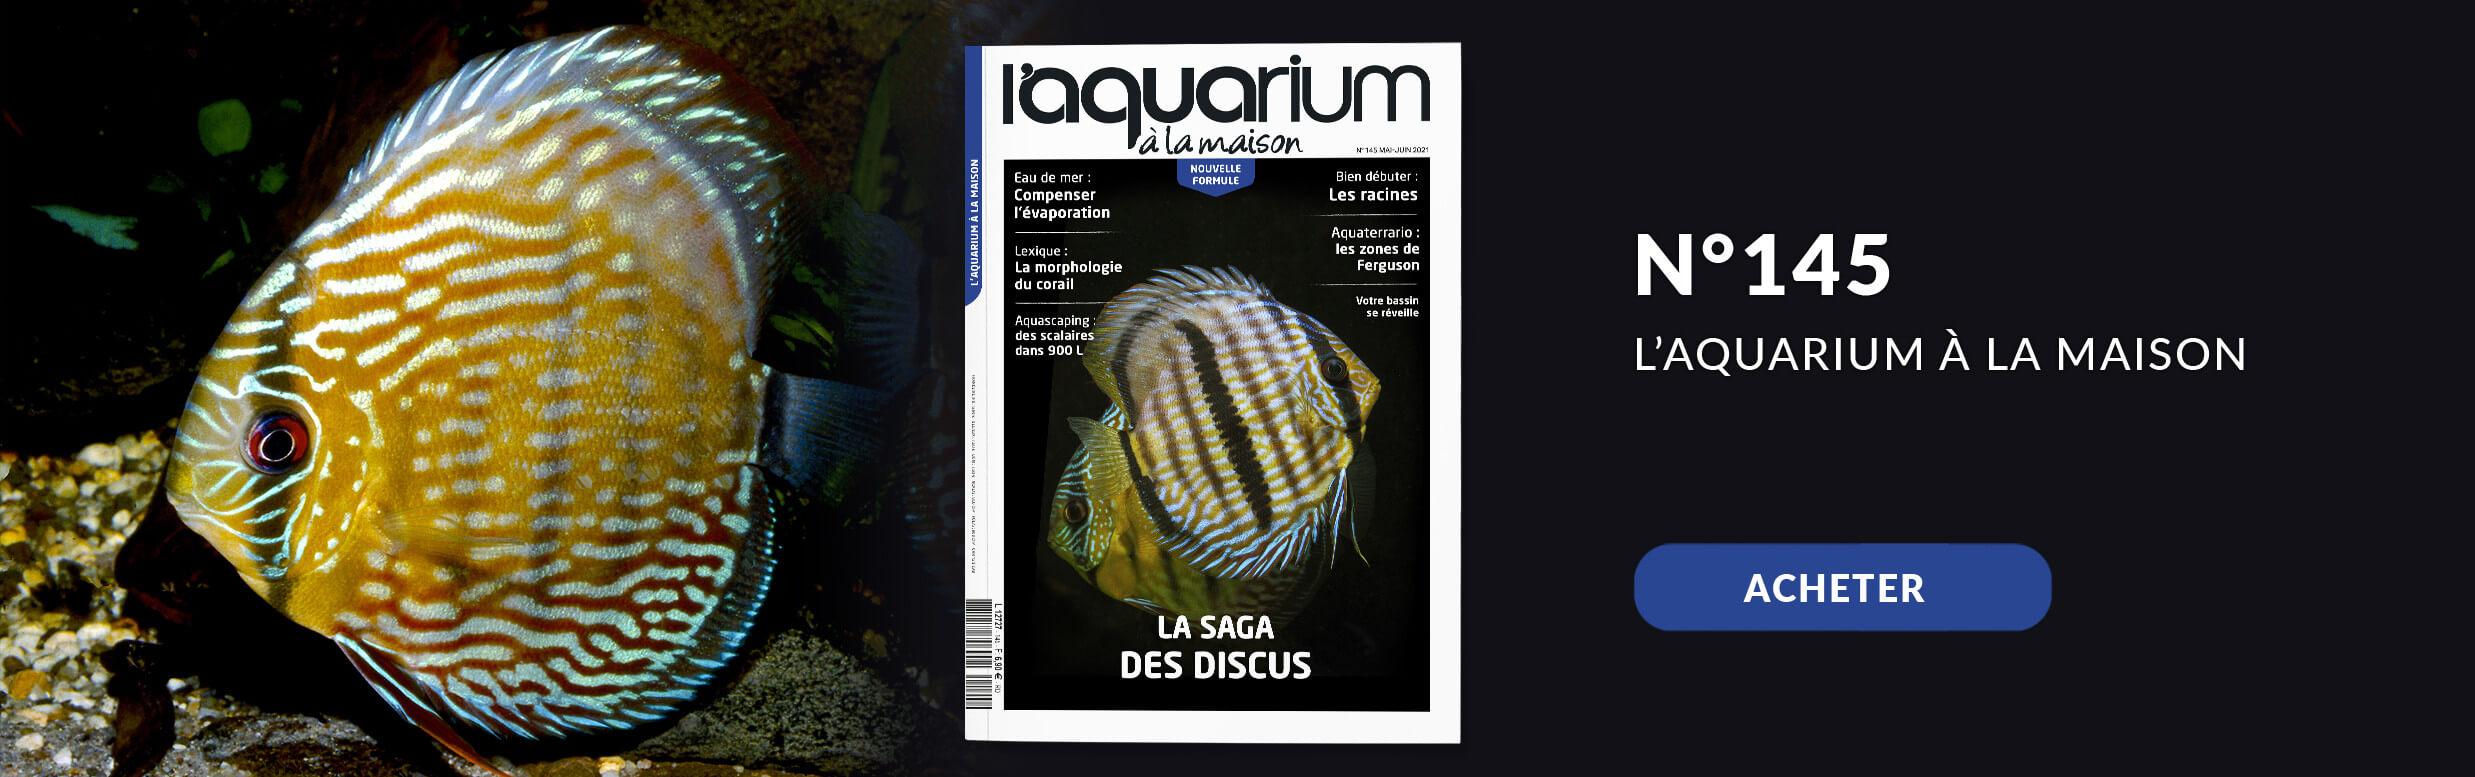 Découvrez la nouvelle formule de l'aquarium à la maison avec le nmr 144